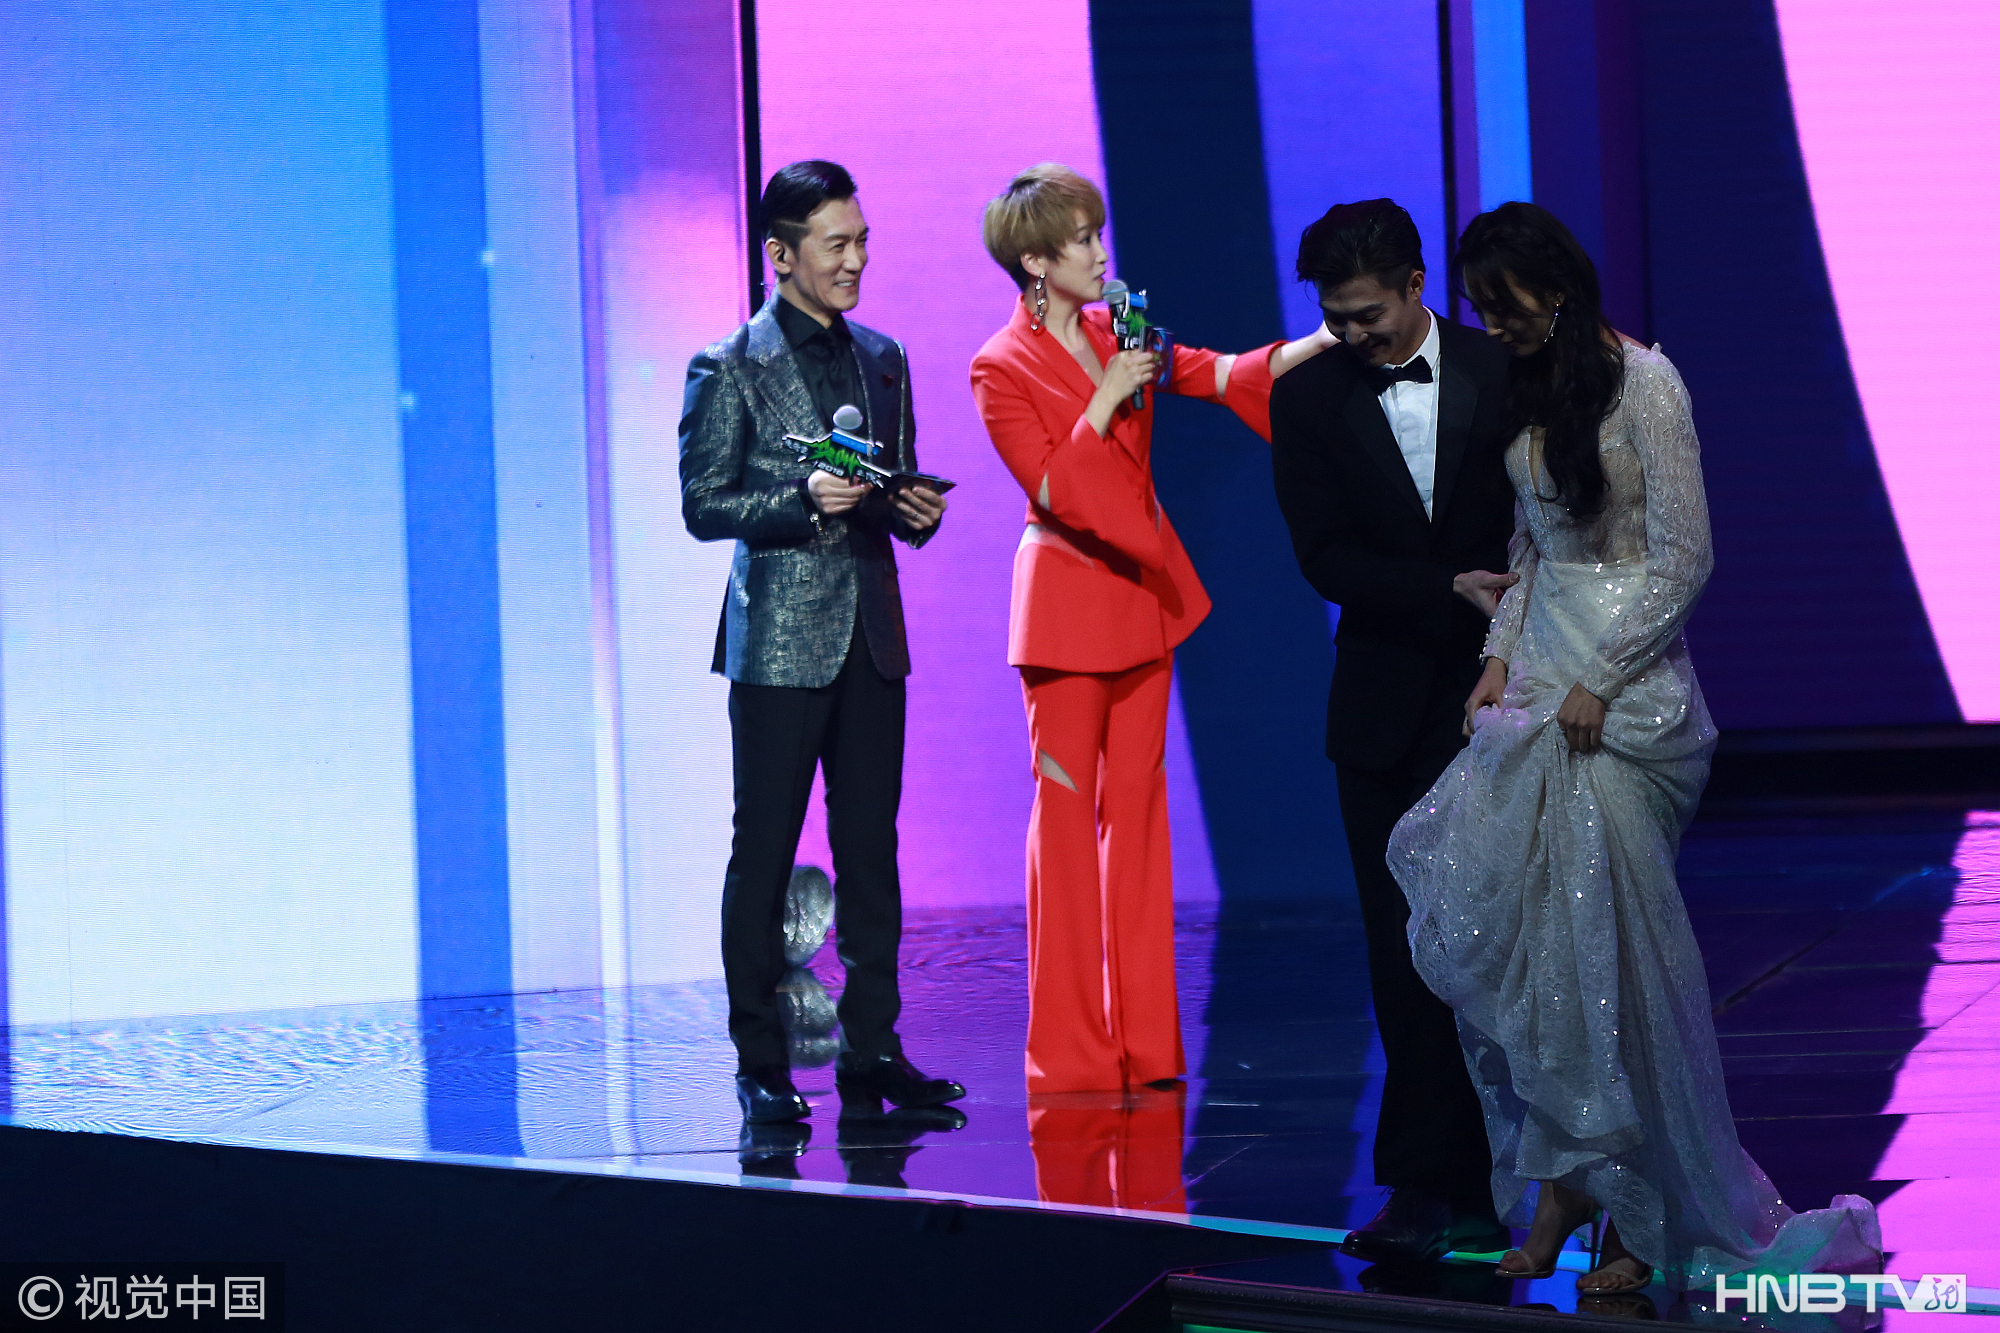 李咏老师最后一次登台主持短发造型帅气 笑看赵丽颖戴皇冠